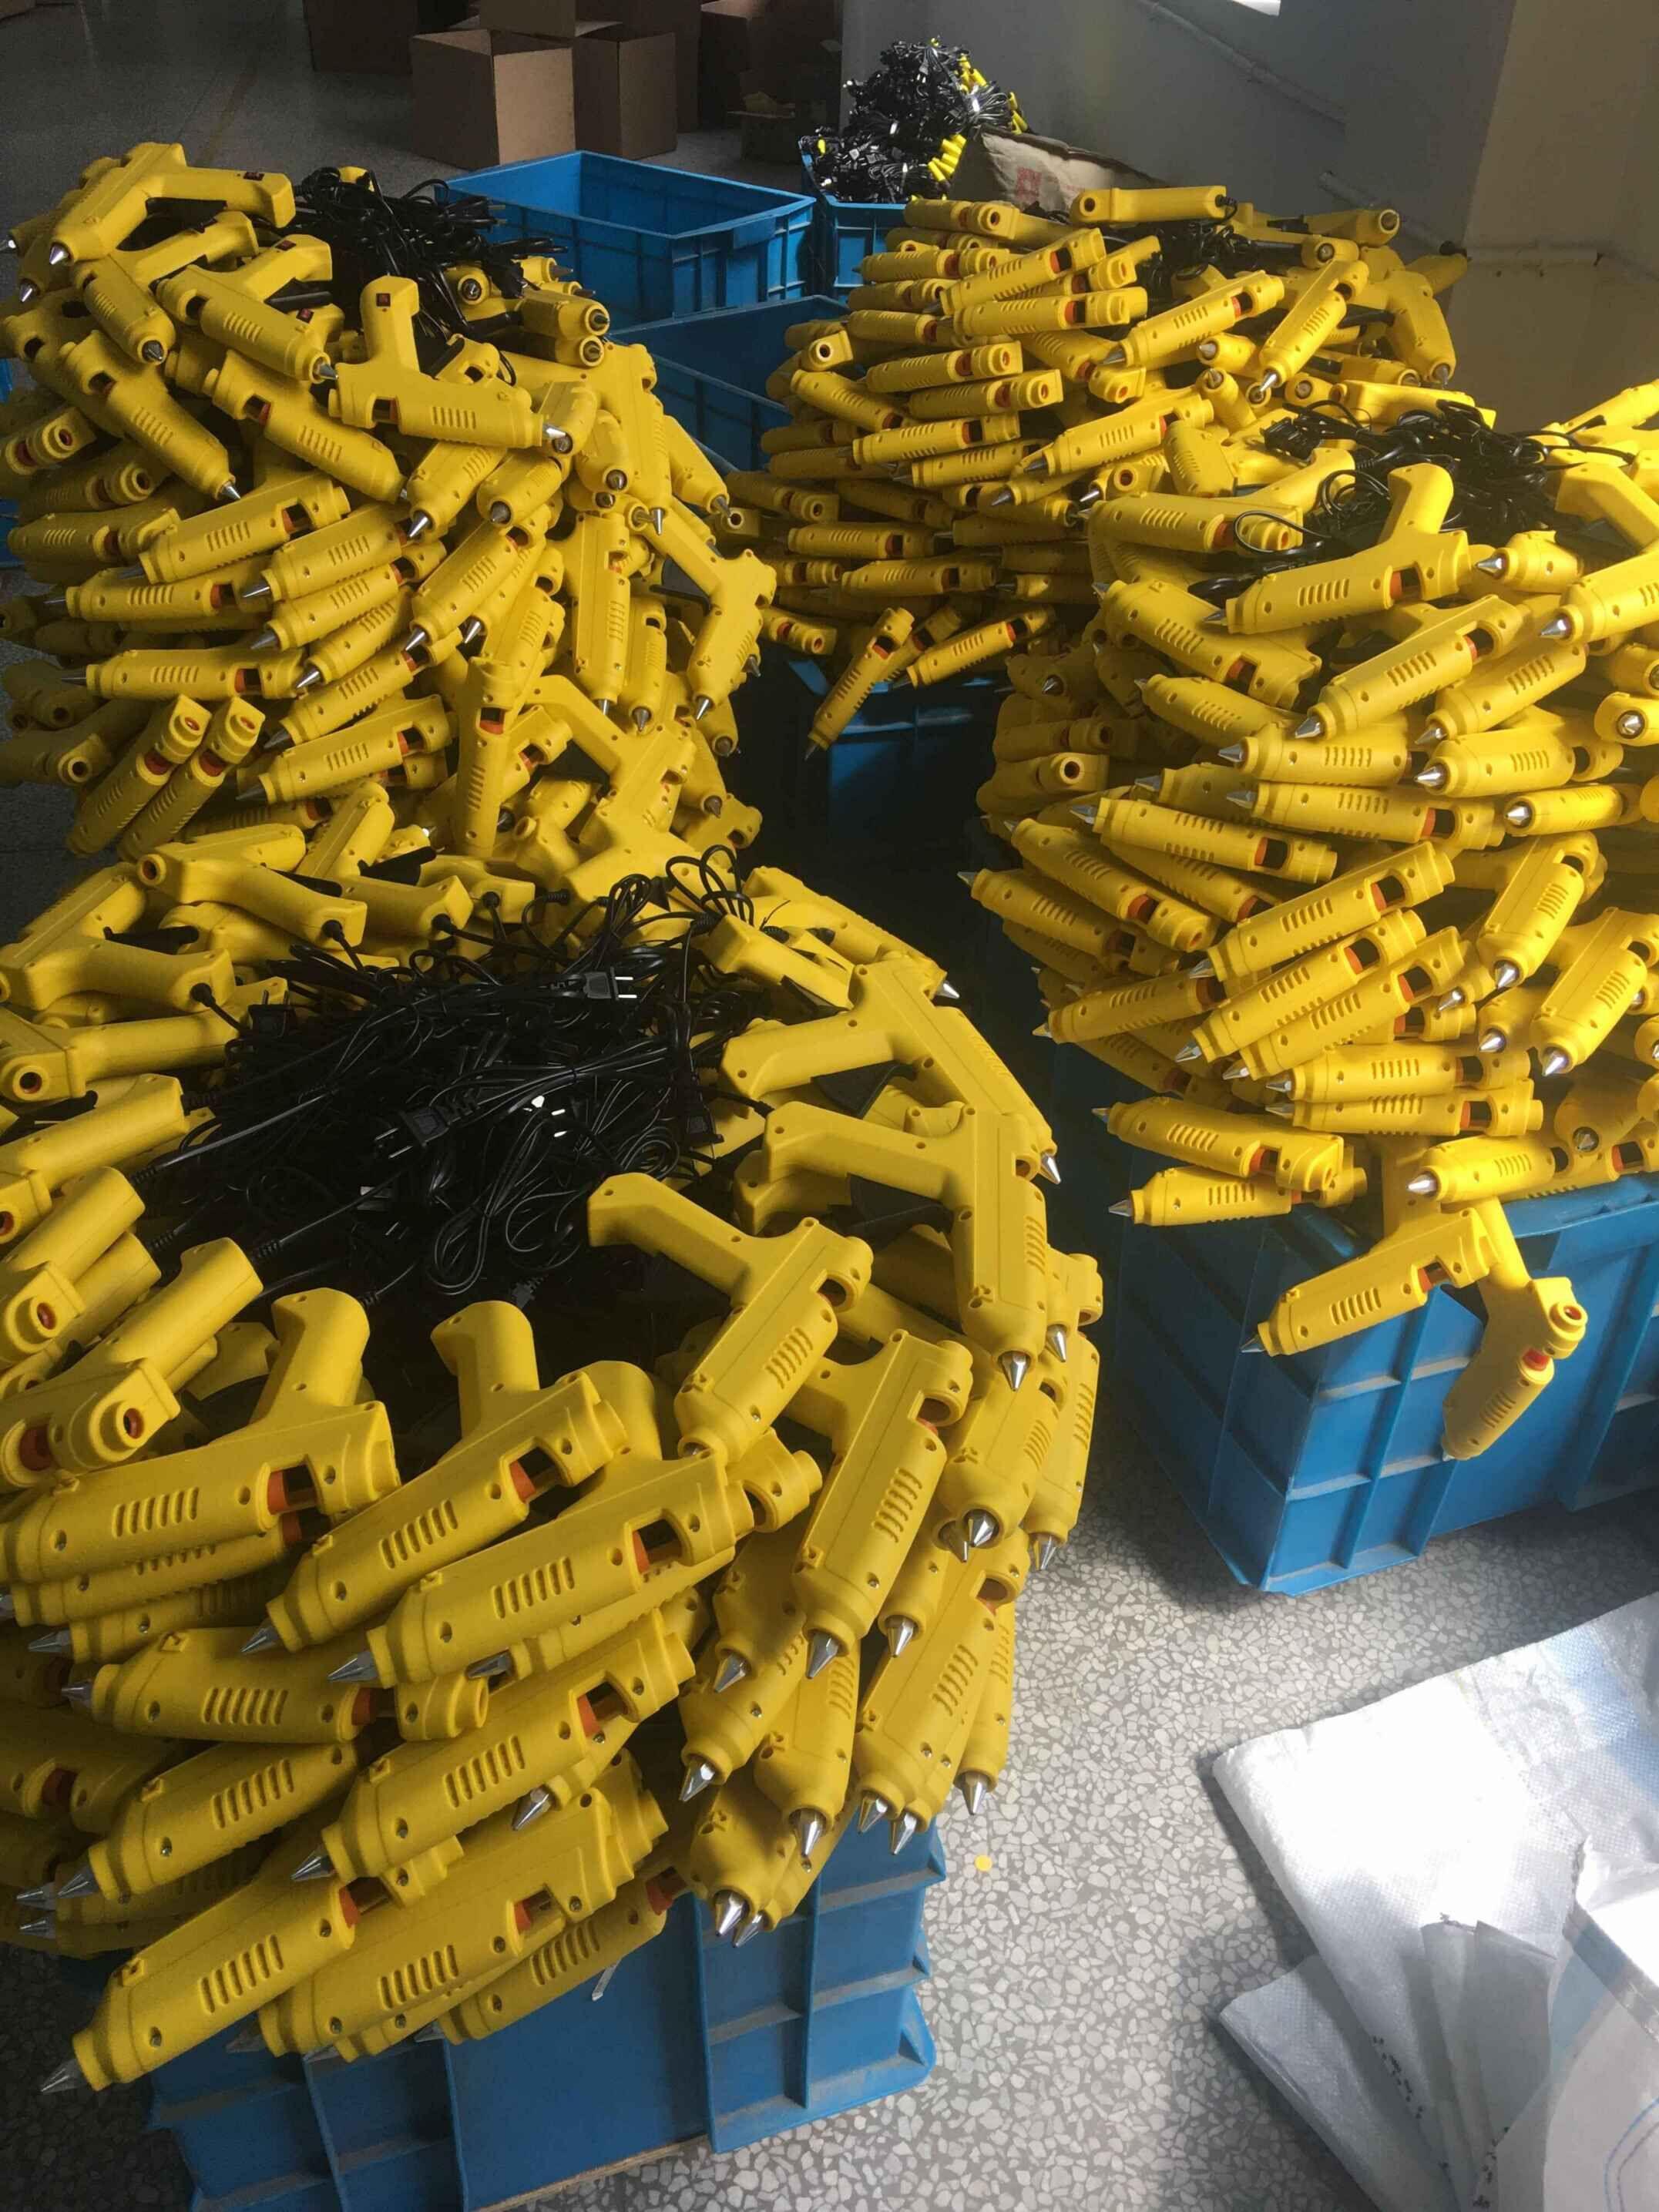 Power tools glue gun